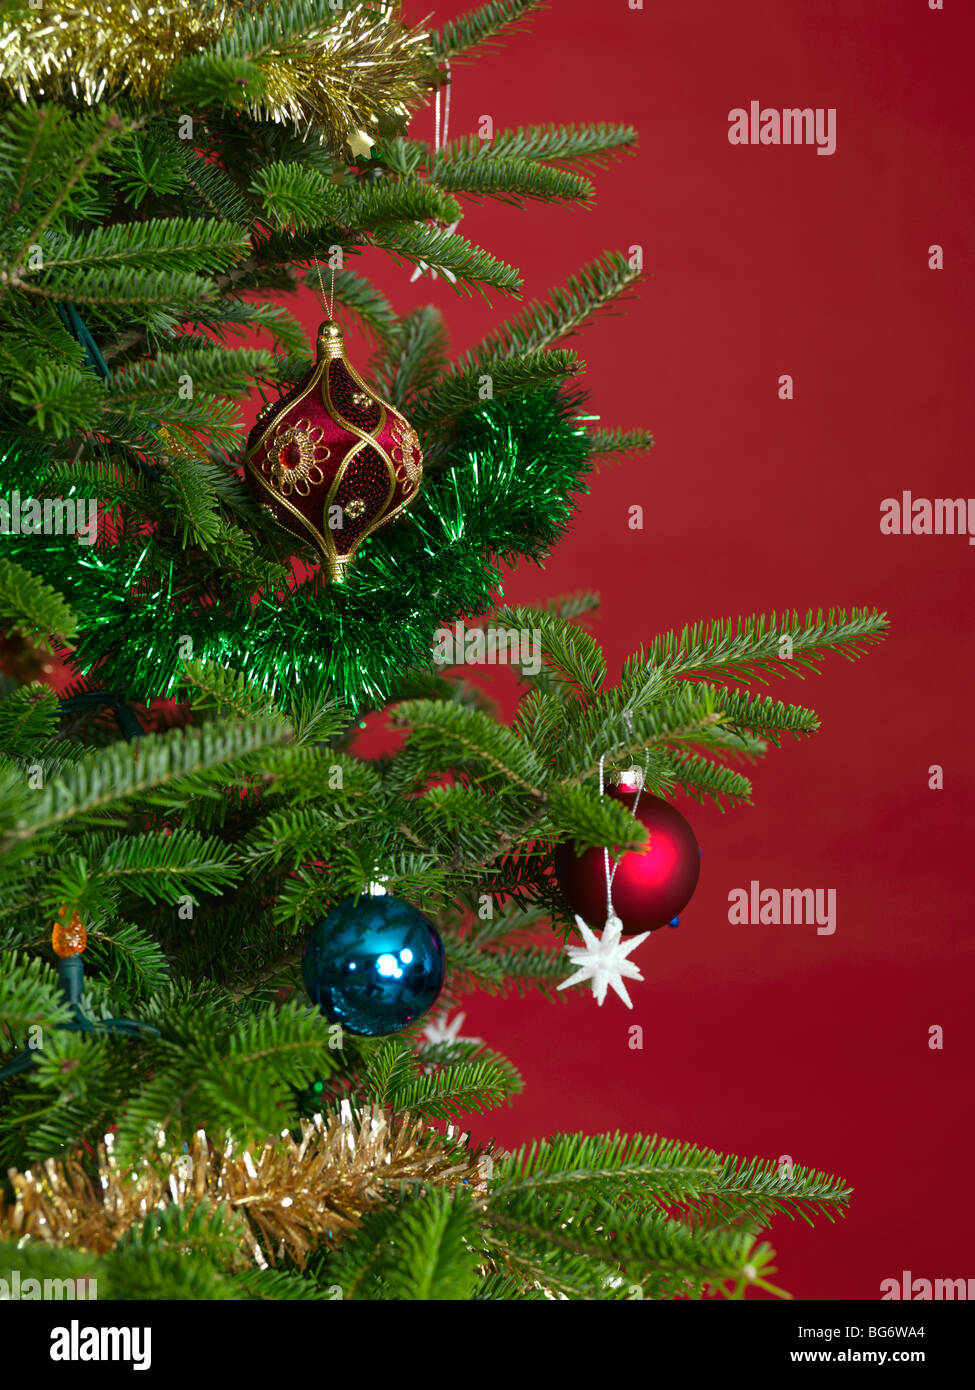 Christmas ornament on a Christmas tree - Stock Image